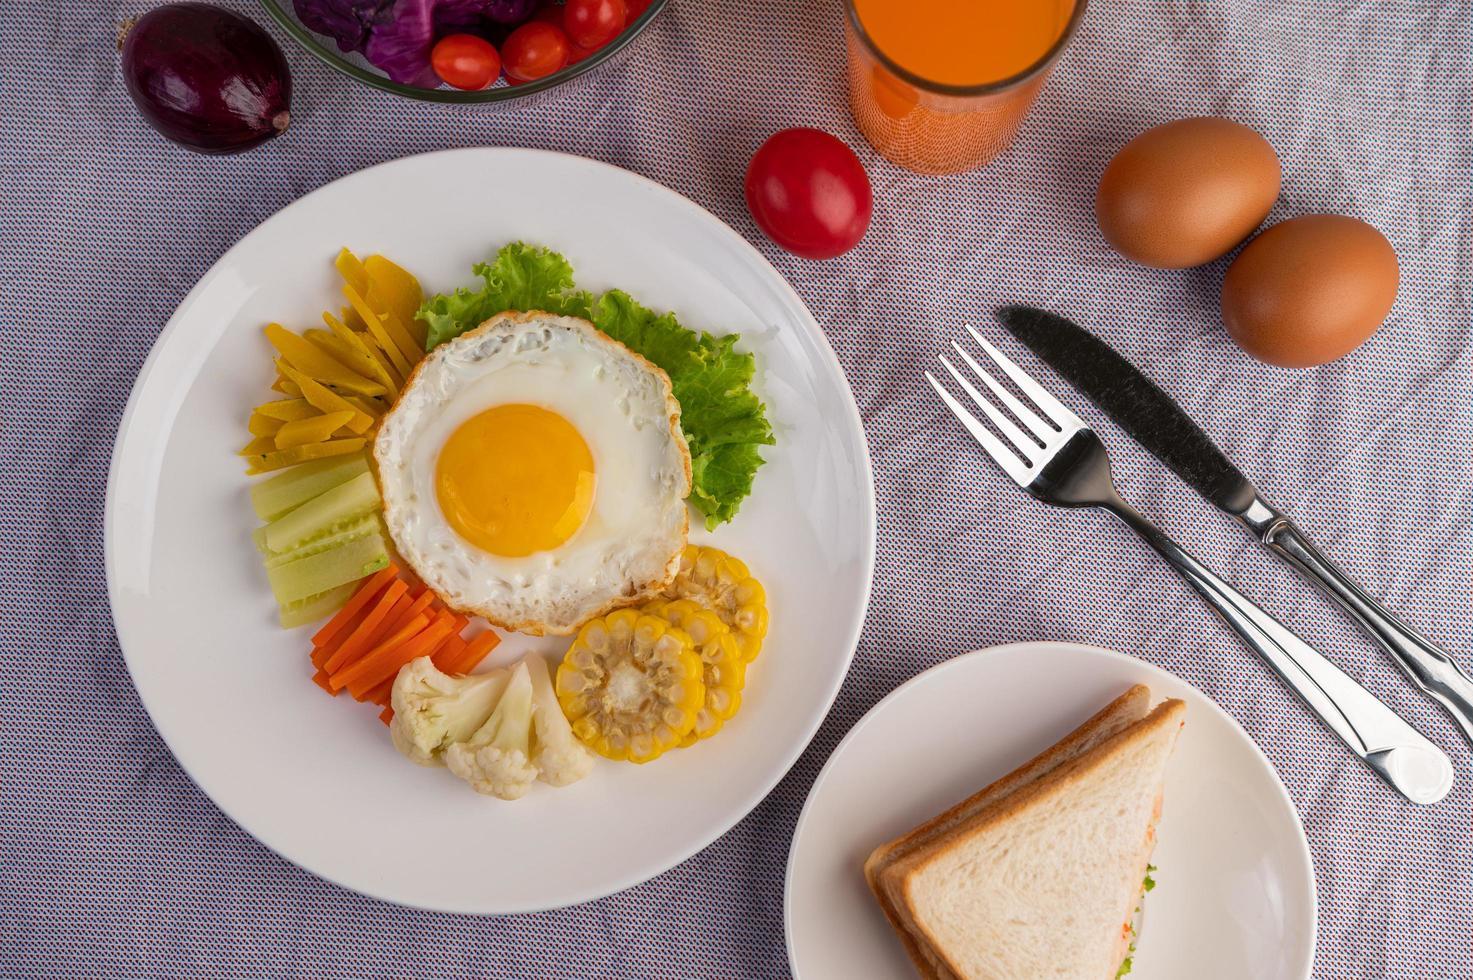 gebakken ei ontbijt met groenten en sap foto